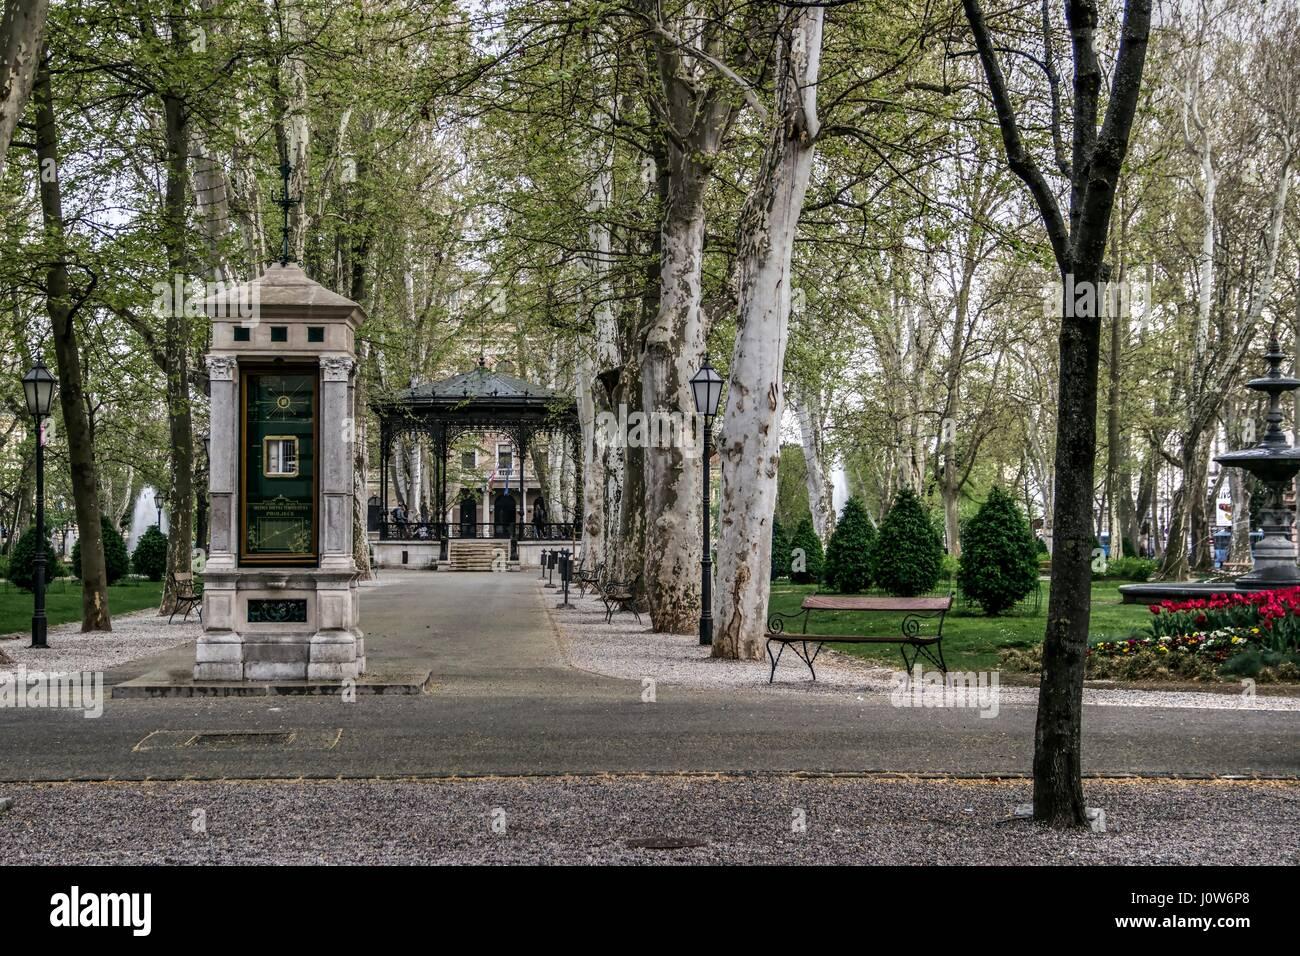 Zagreb Croatia Music Pavilion In The Park Zrinjevac Stock Photo Alamy